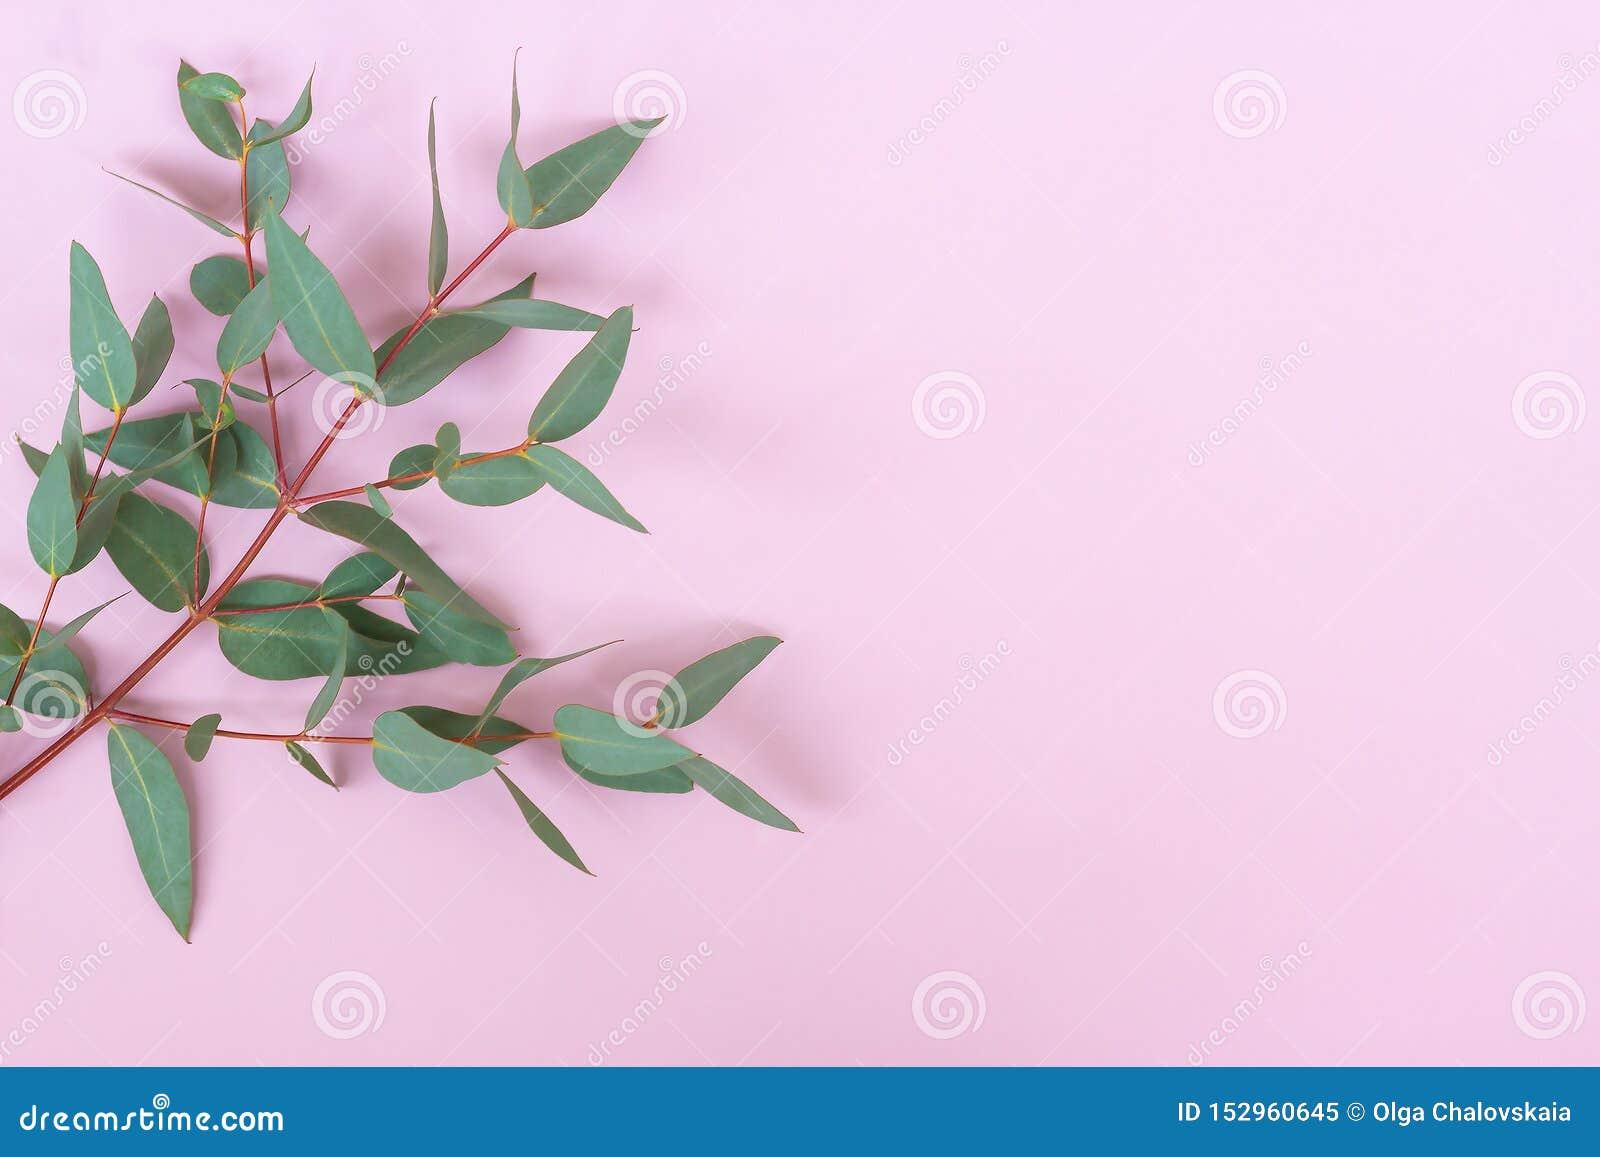 Листья и ветви зеленого эвкалипта серебряного доллара cinerea на пастельной розовой предпосылке Флористический состав